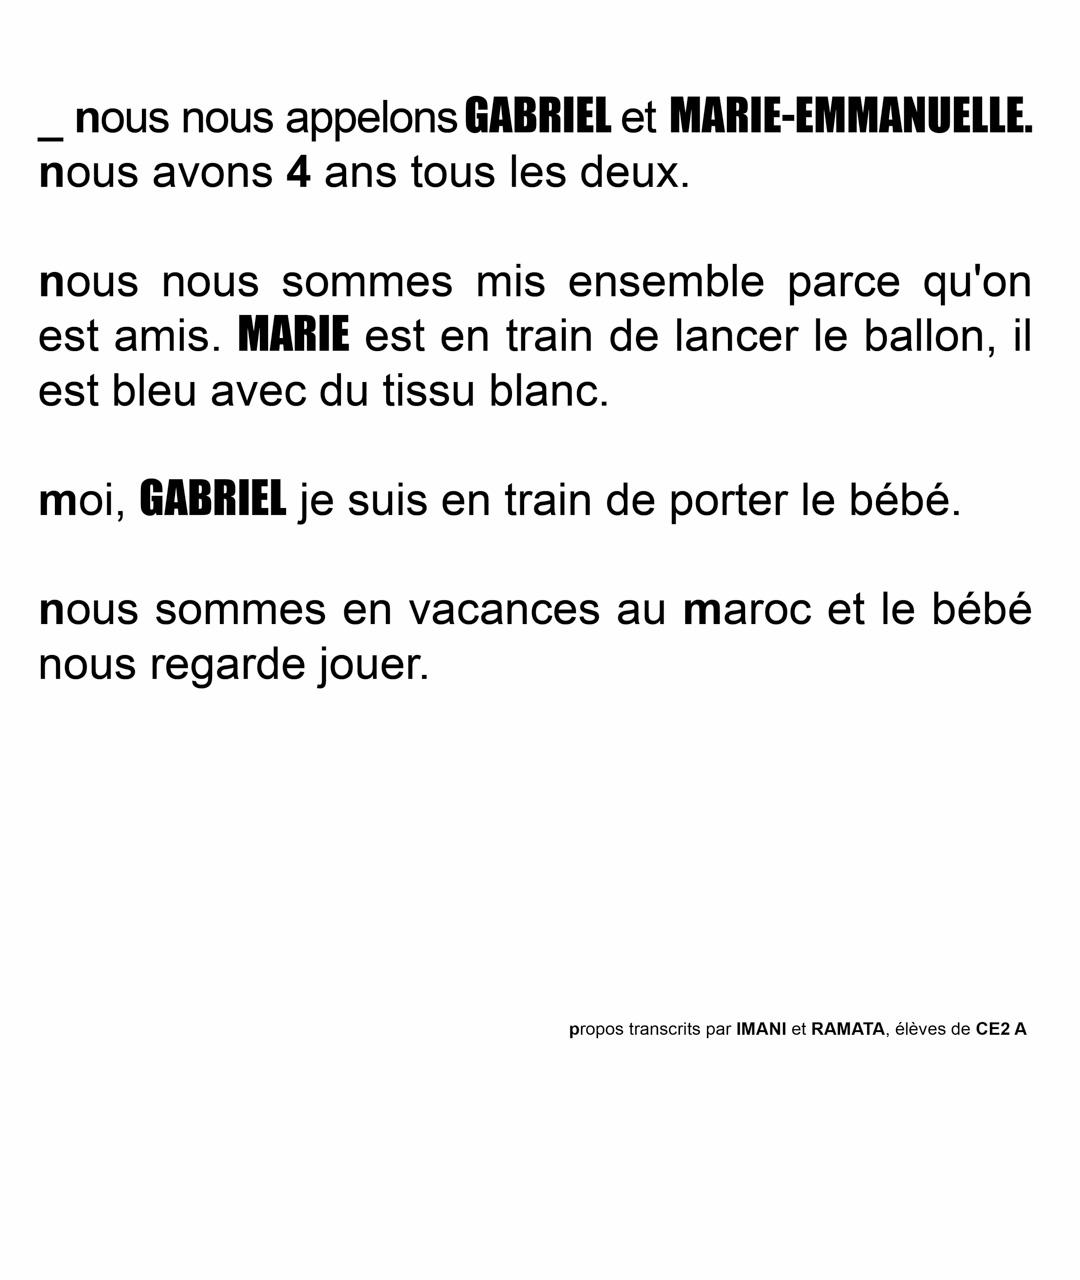 LM_020_2013_gabriel_marieemma_004